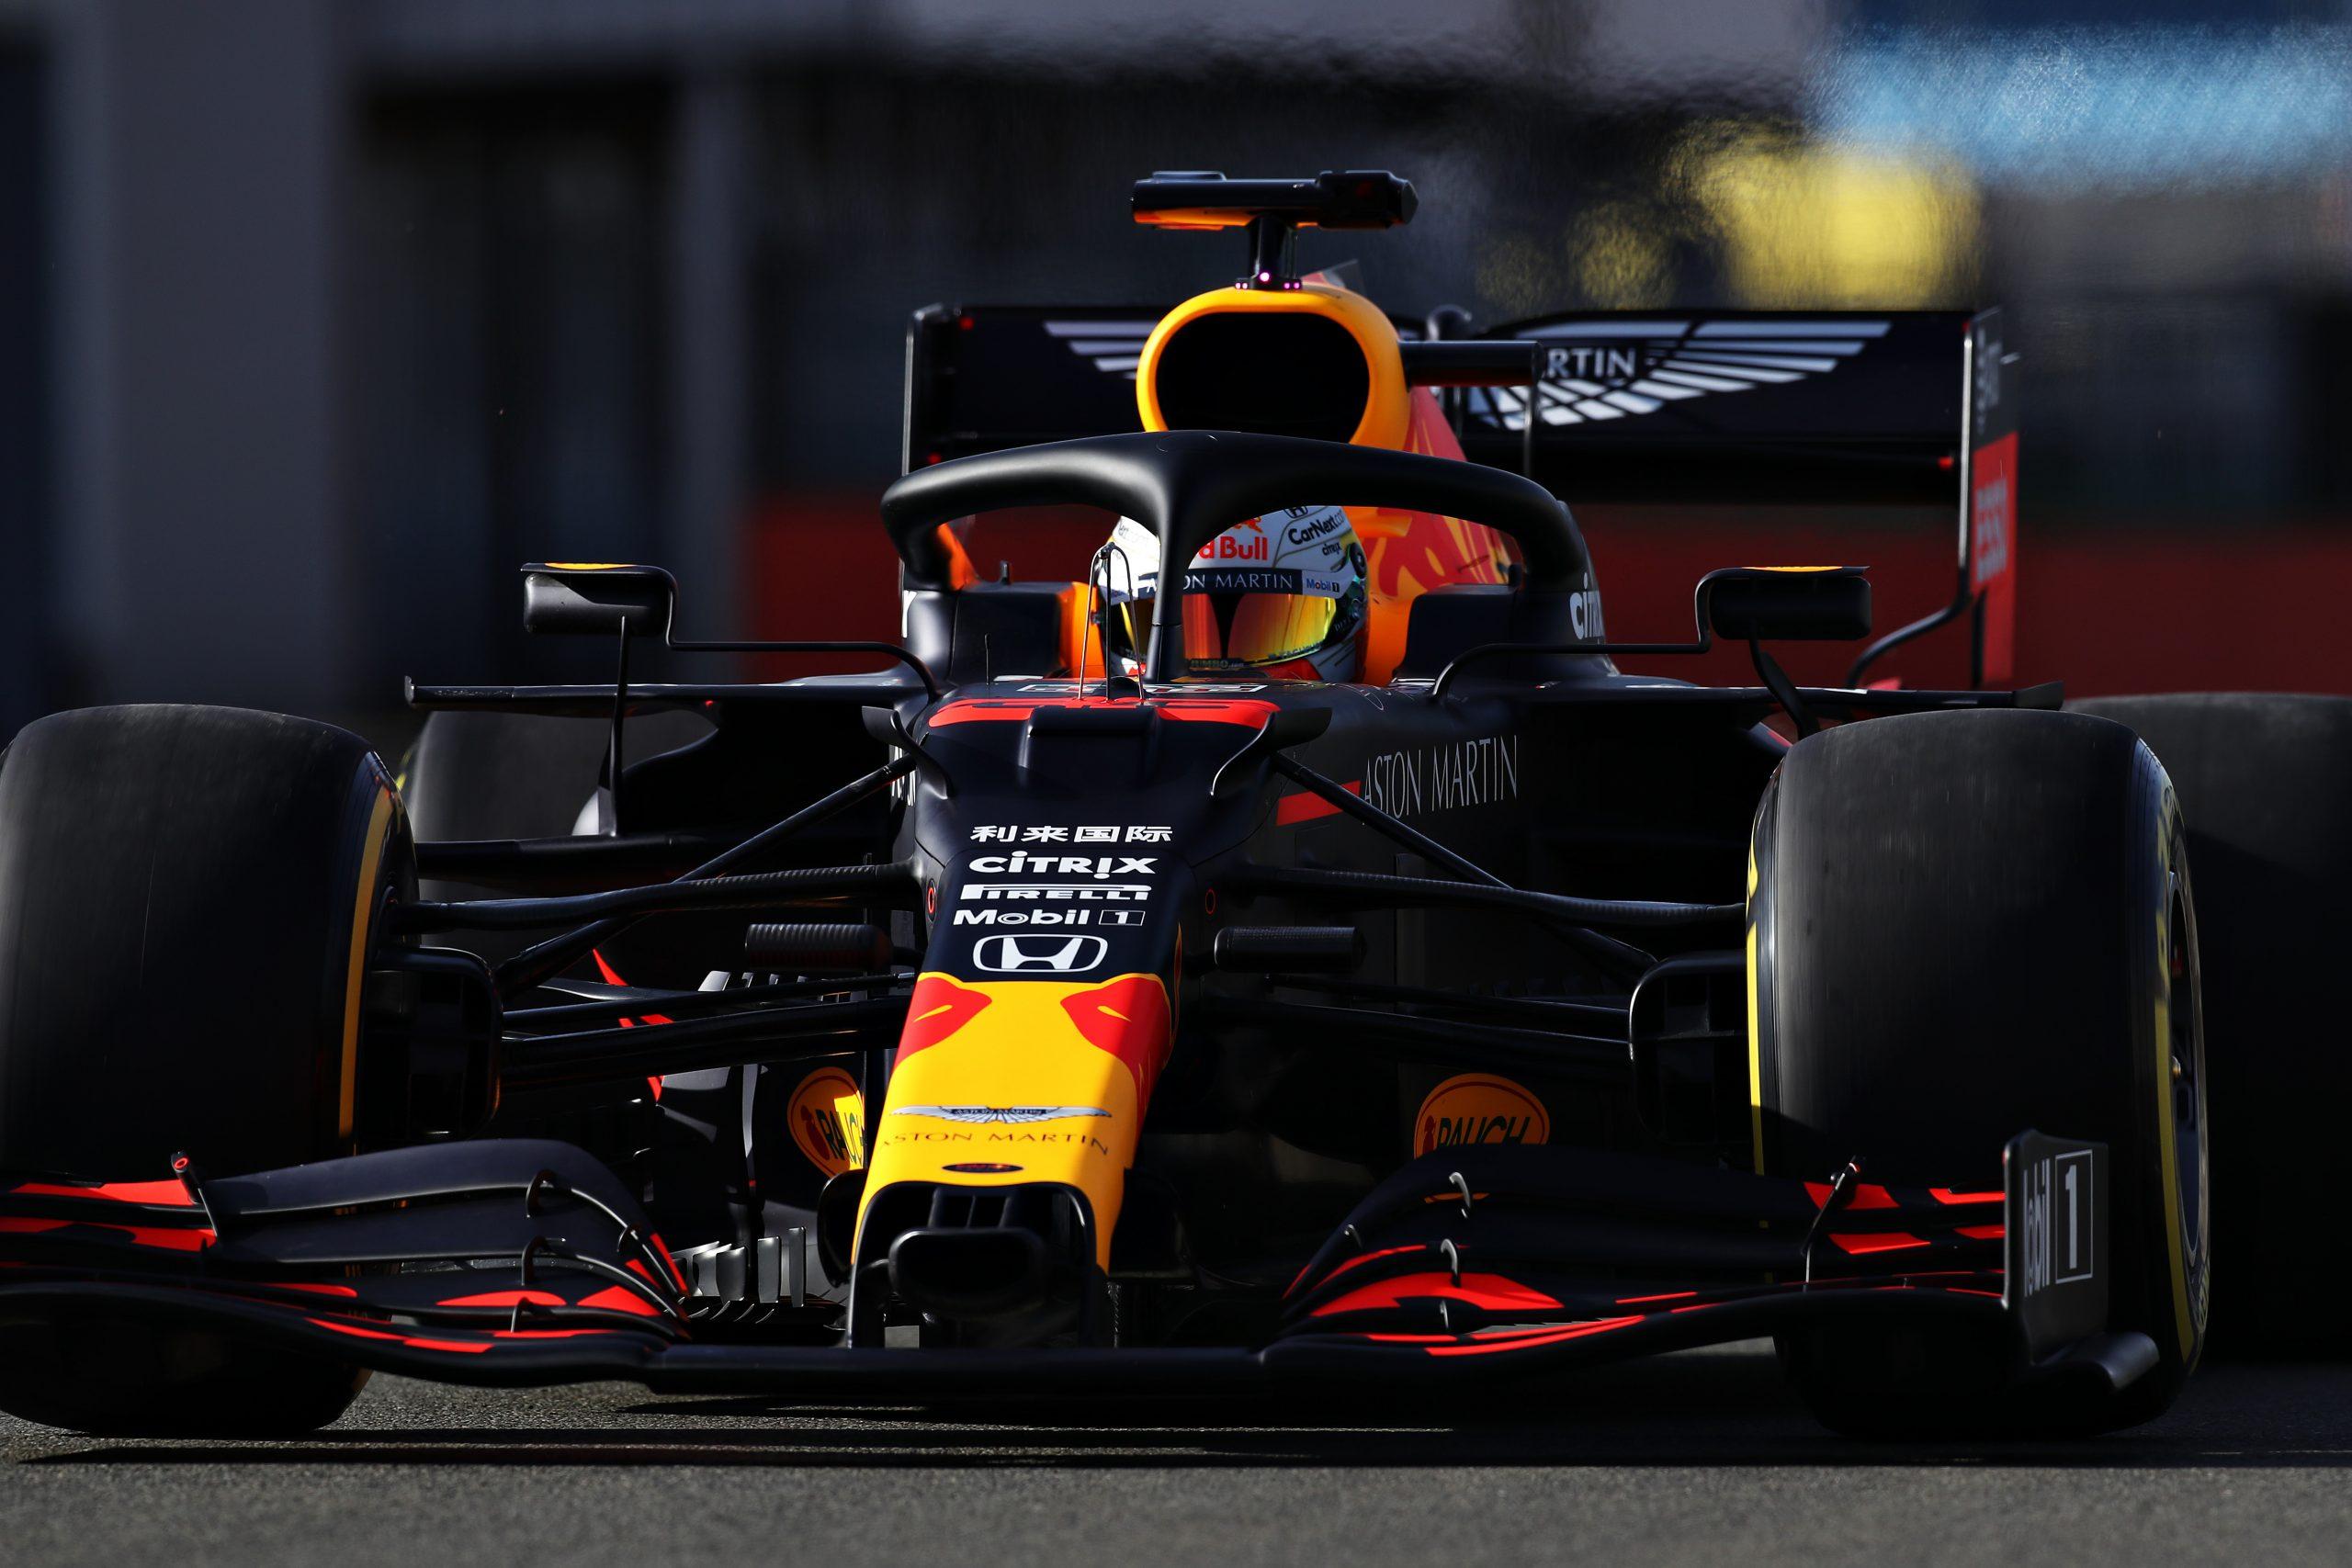 2020 Red Bull RB16 F1車の打ち上げ写真